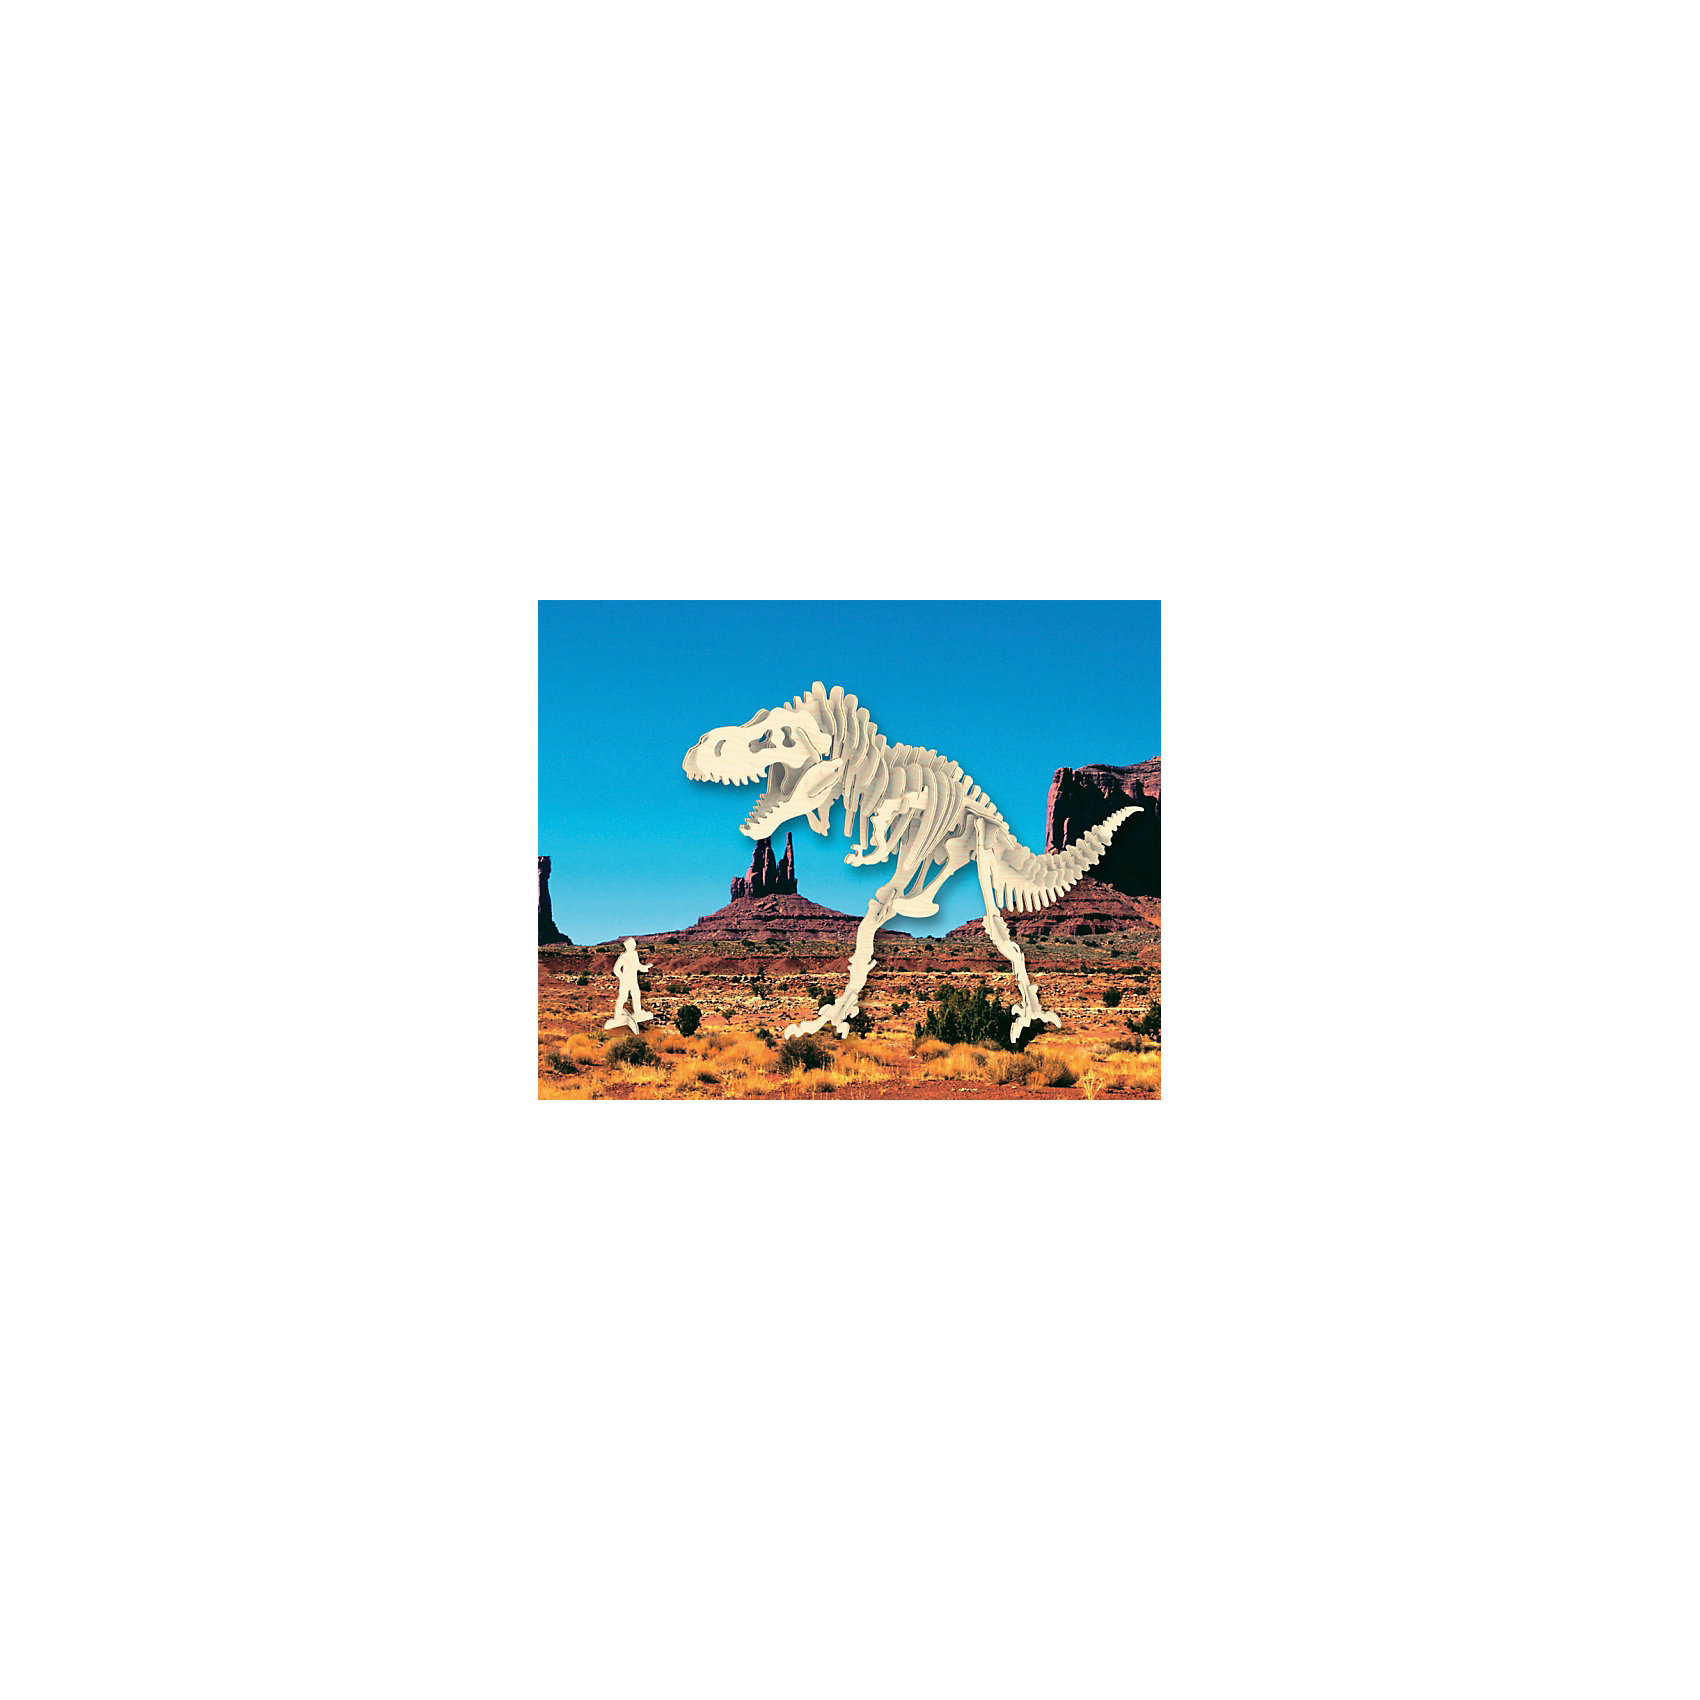 МДИ Тиранозавр (серия Ж), Мир деревянных игрушек игрушка мир деревянных игрушек лабиринт слон д345